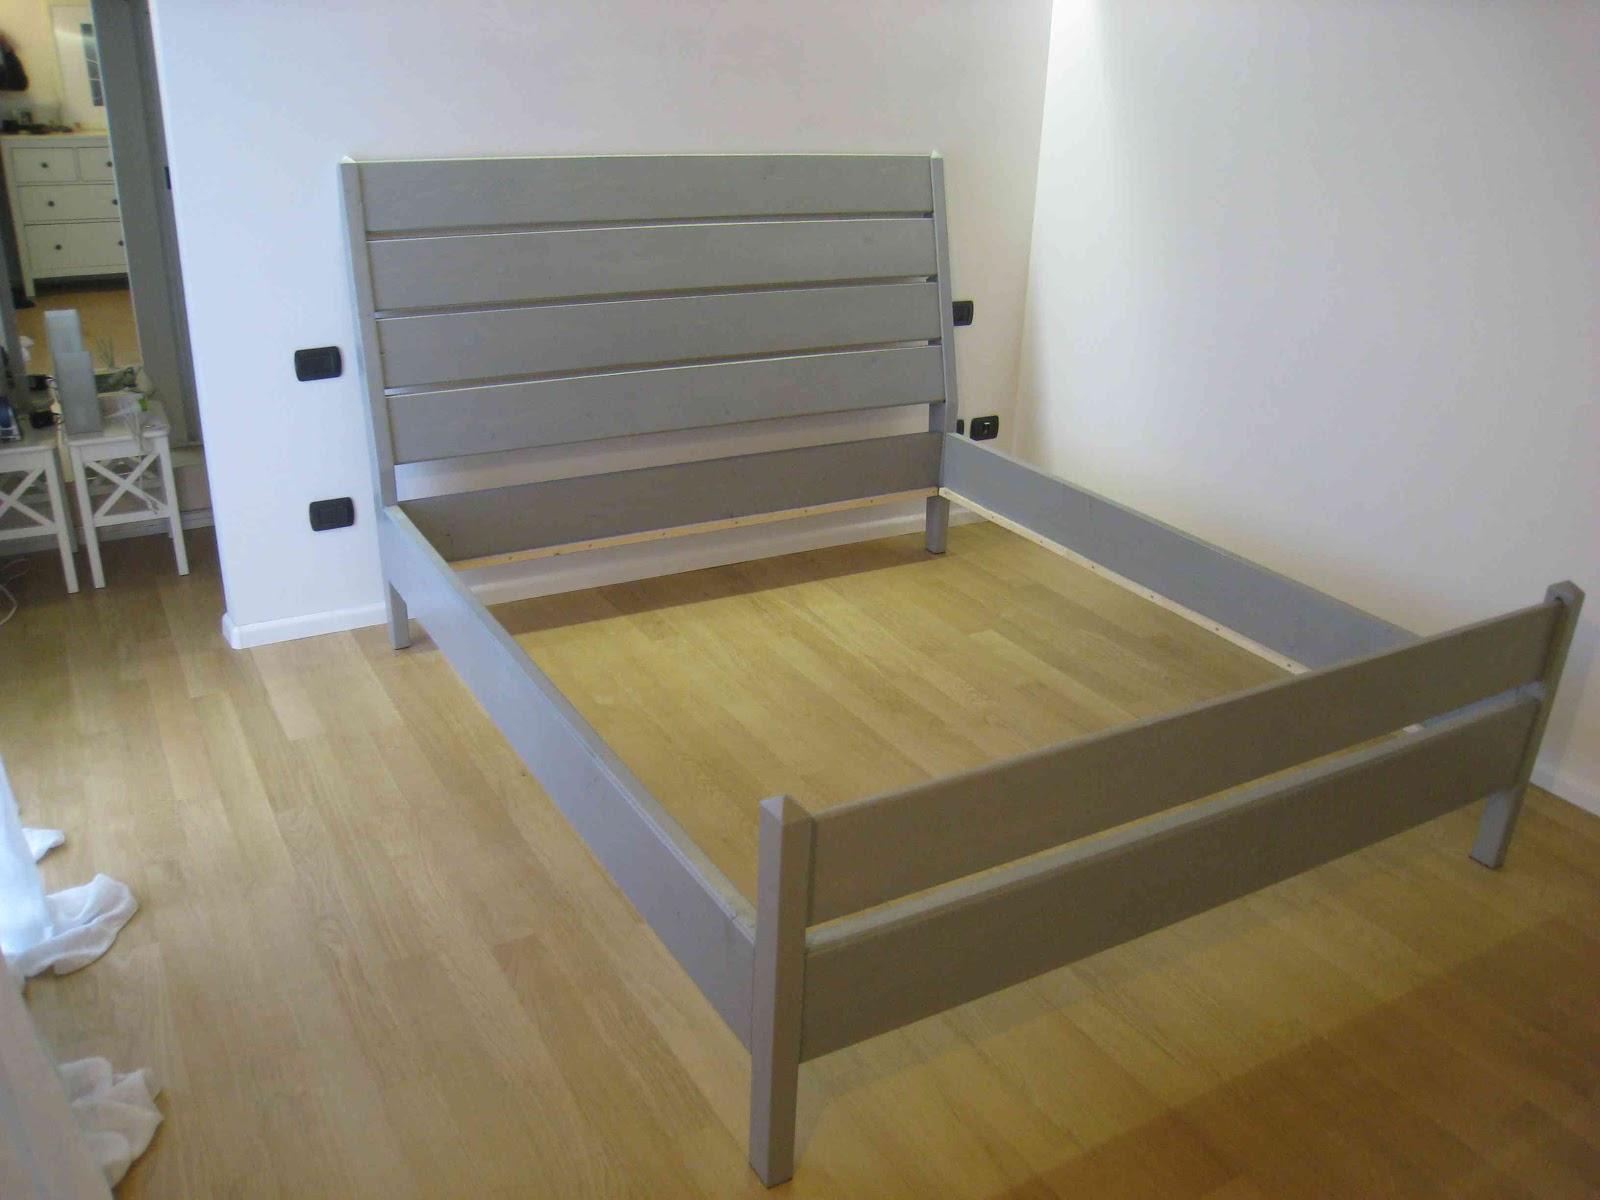 Costruire Un Letto A Castello Fai Da Te : Costruire un letto come costruire una scala in legno with